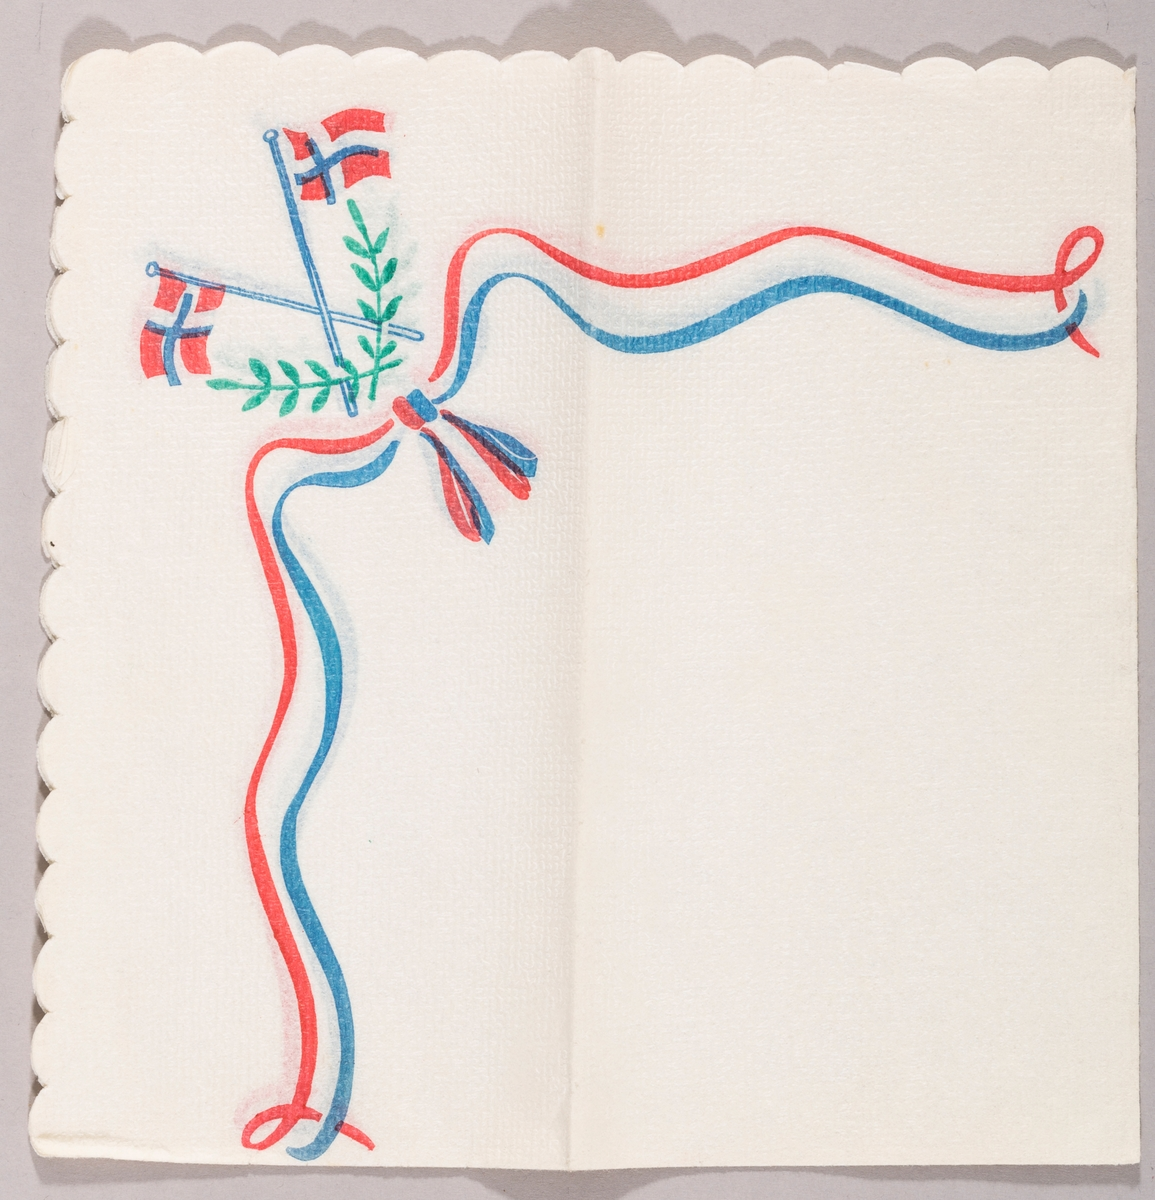 Svunget bånd i blått og rødt med sløyfe. To norske flagg i kryss. To grønne blader.